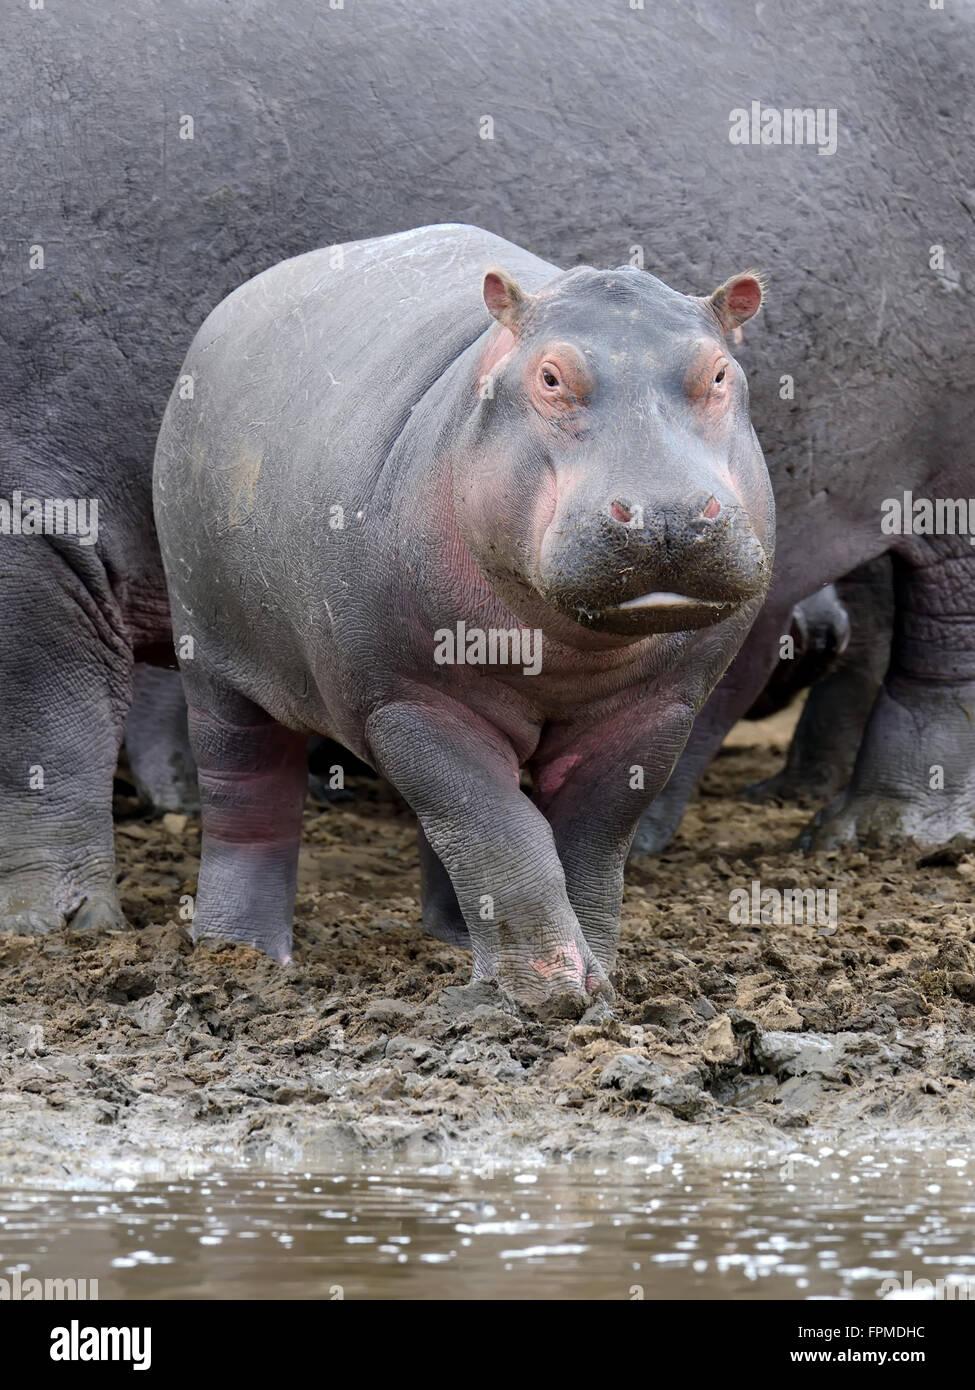 Famille Hippopotame (Hippopotamus amphibius) hors de l'eau. Le Kenya, l'Afrique Photo Stock